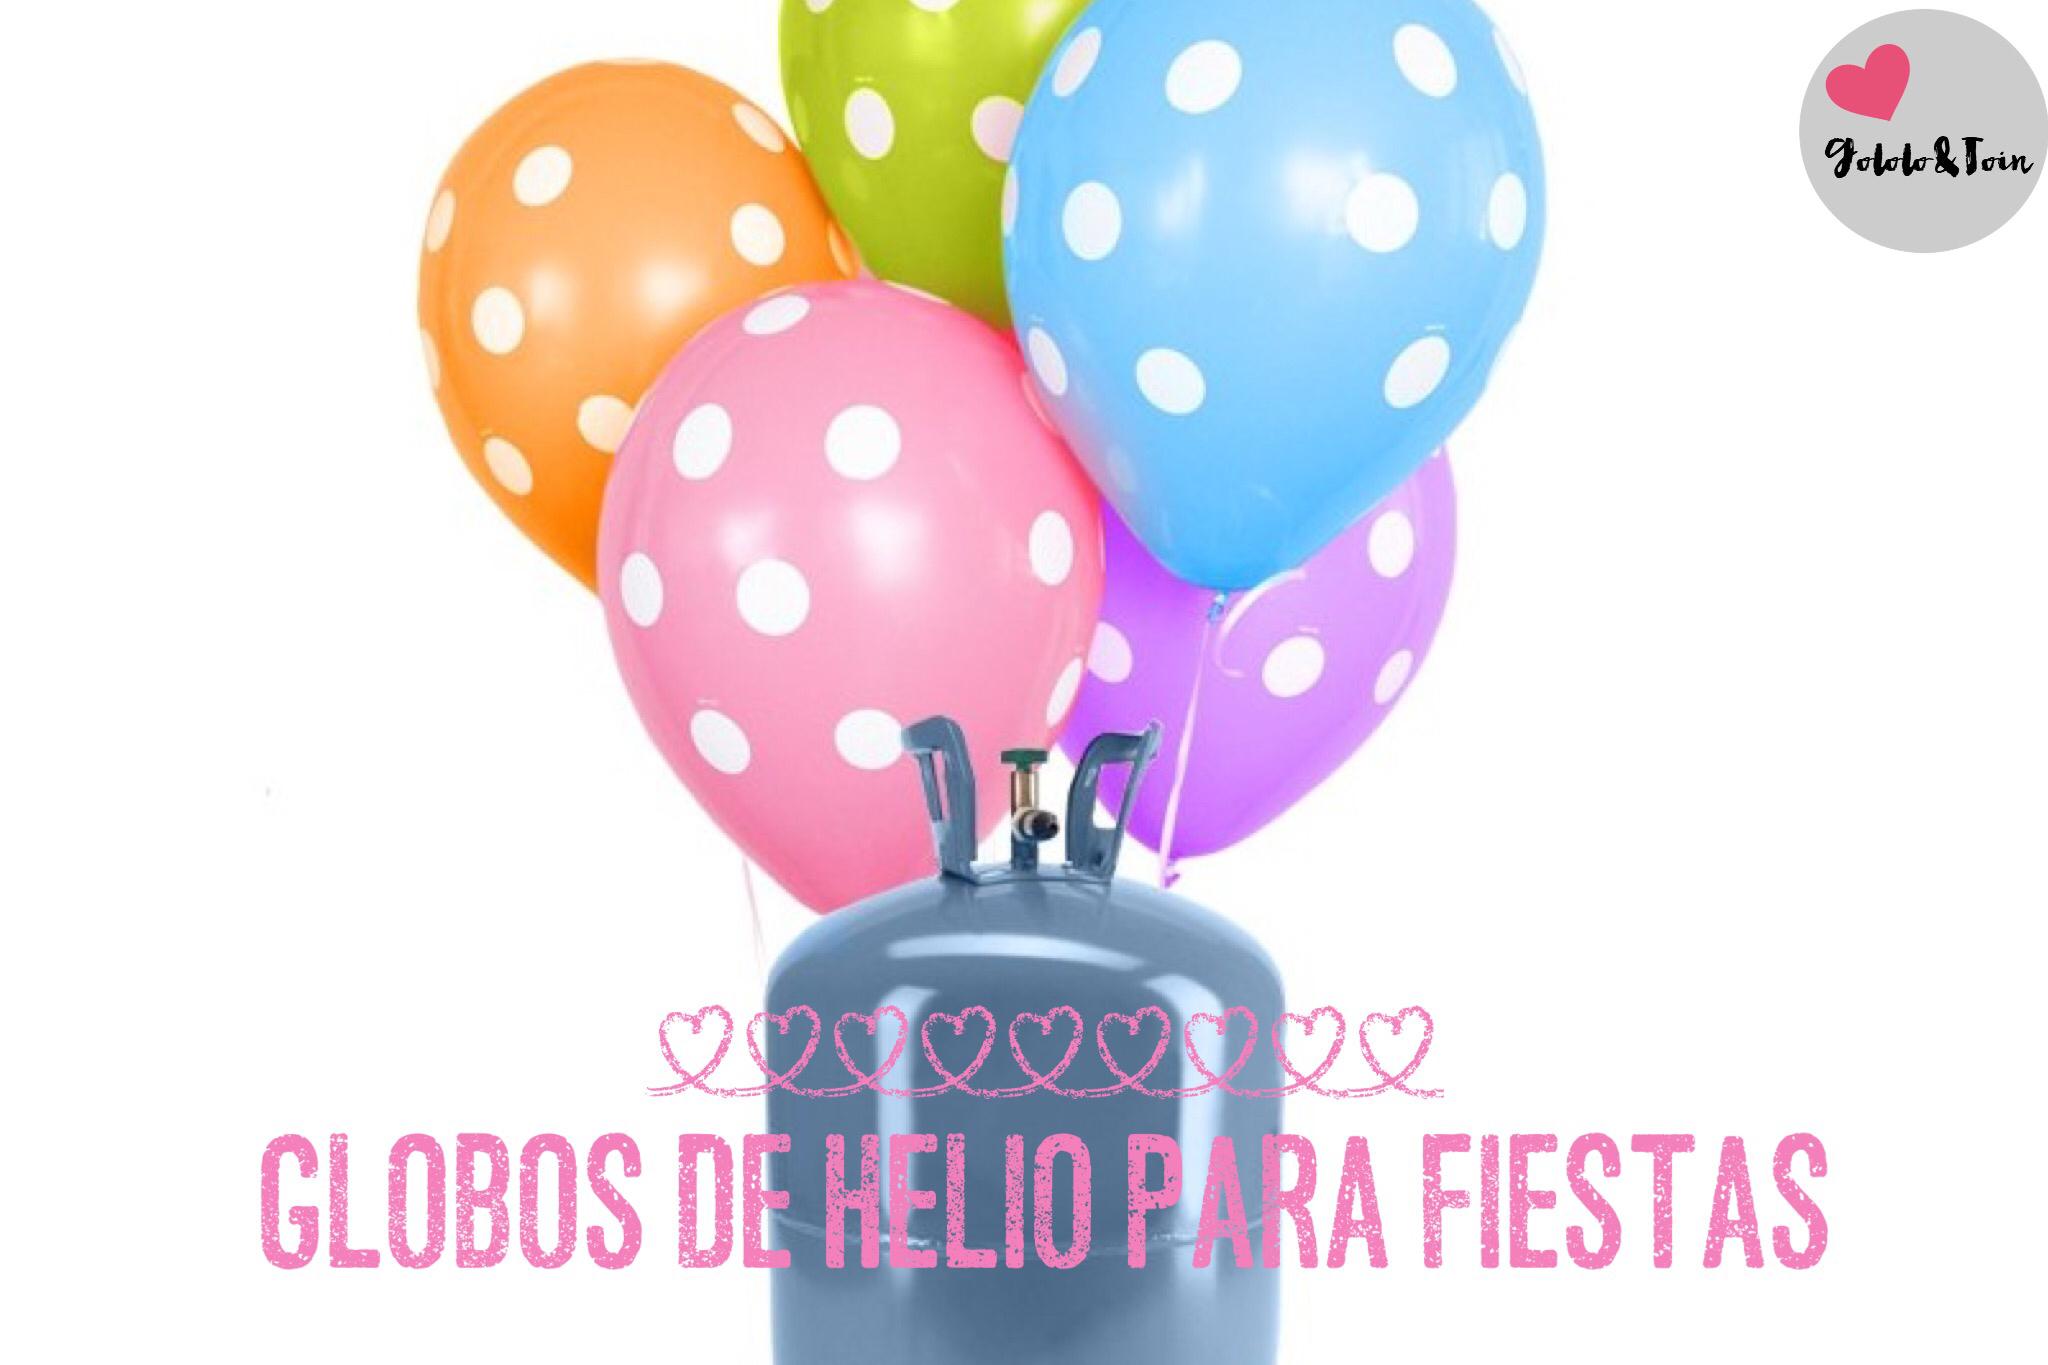 Globos de helio para fiestas gololo y toin blog de for Globos para quinceaneras